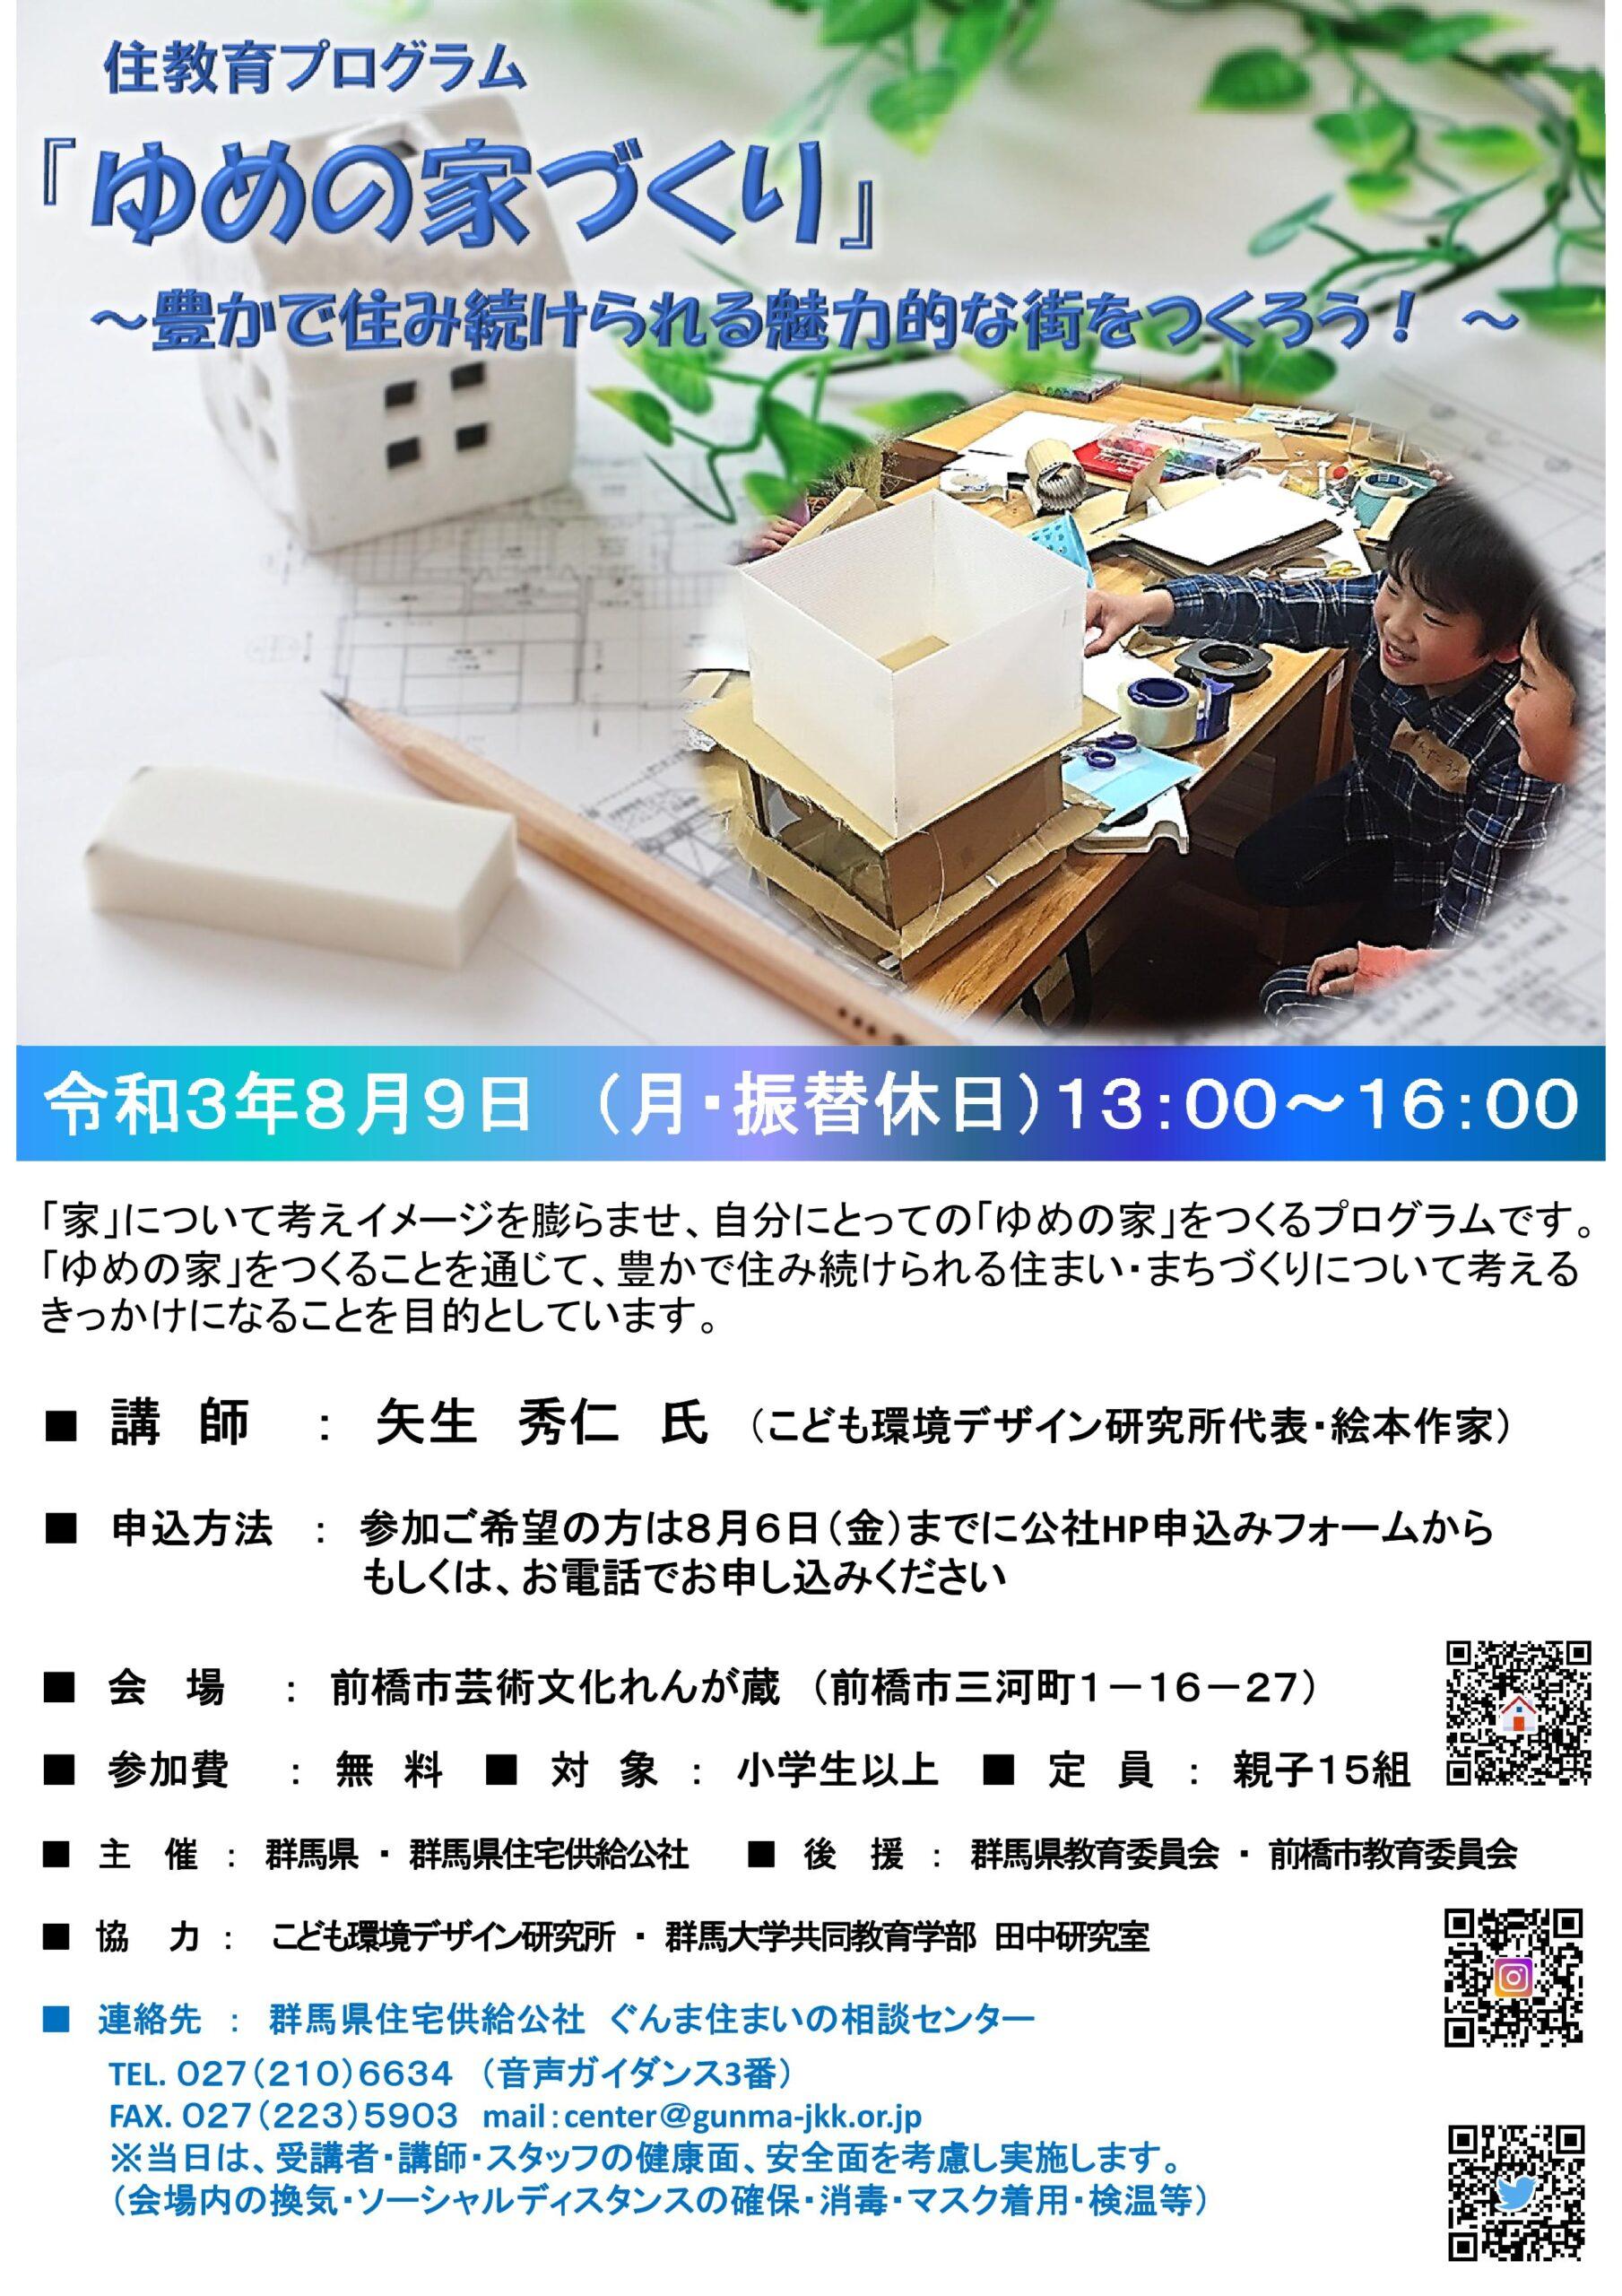 住教育プログラム「ゆめの家づくり」~豊かで住み続けられる魅力的な街をつくろう!~